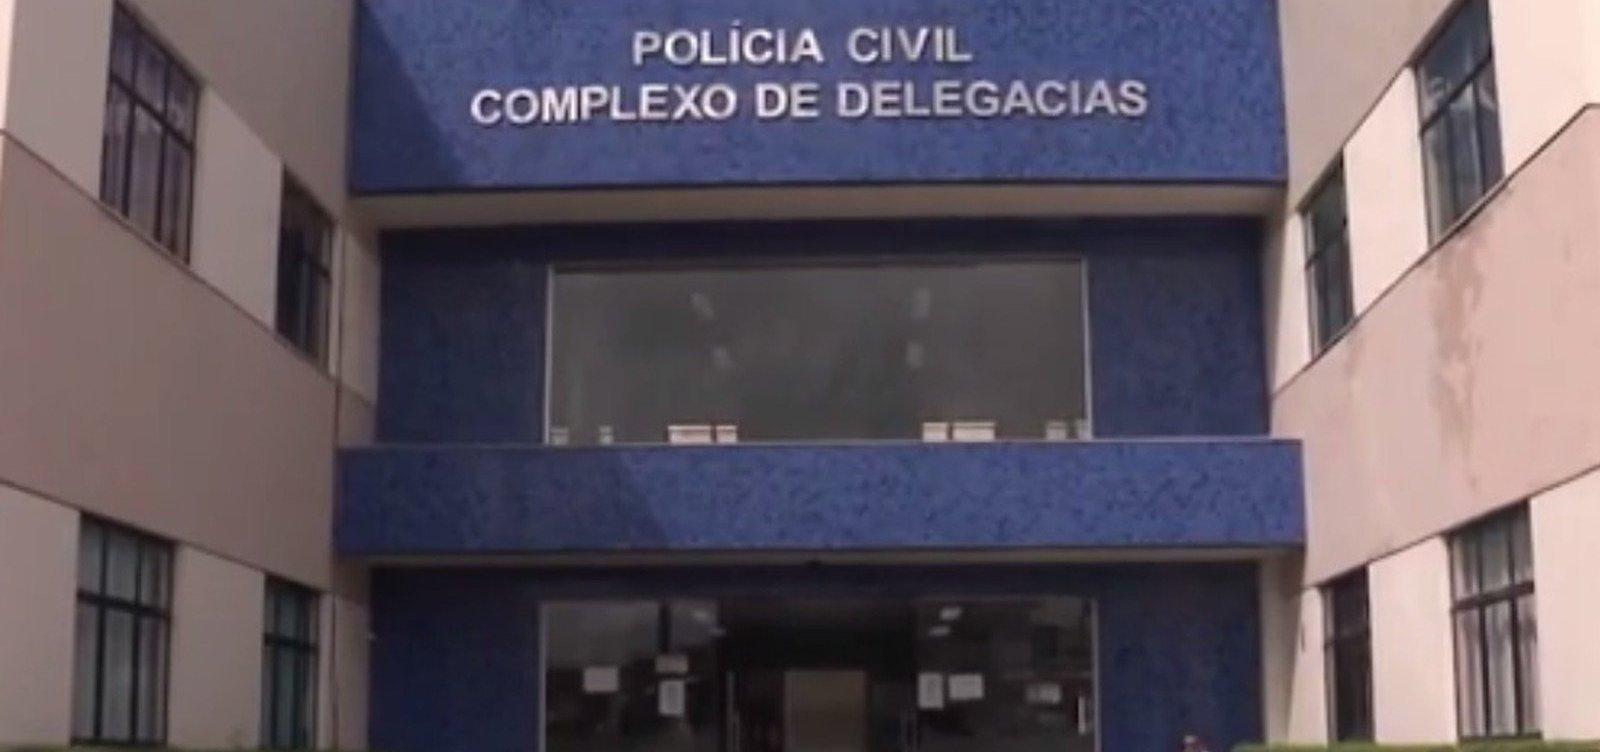 [Feira de Santana: MP pede interdição do Complexo de Delegacias por superlotação ]